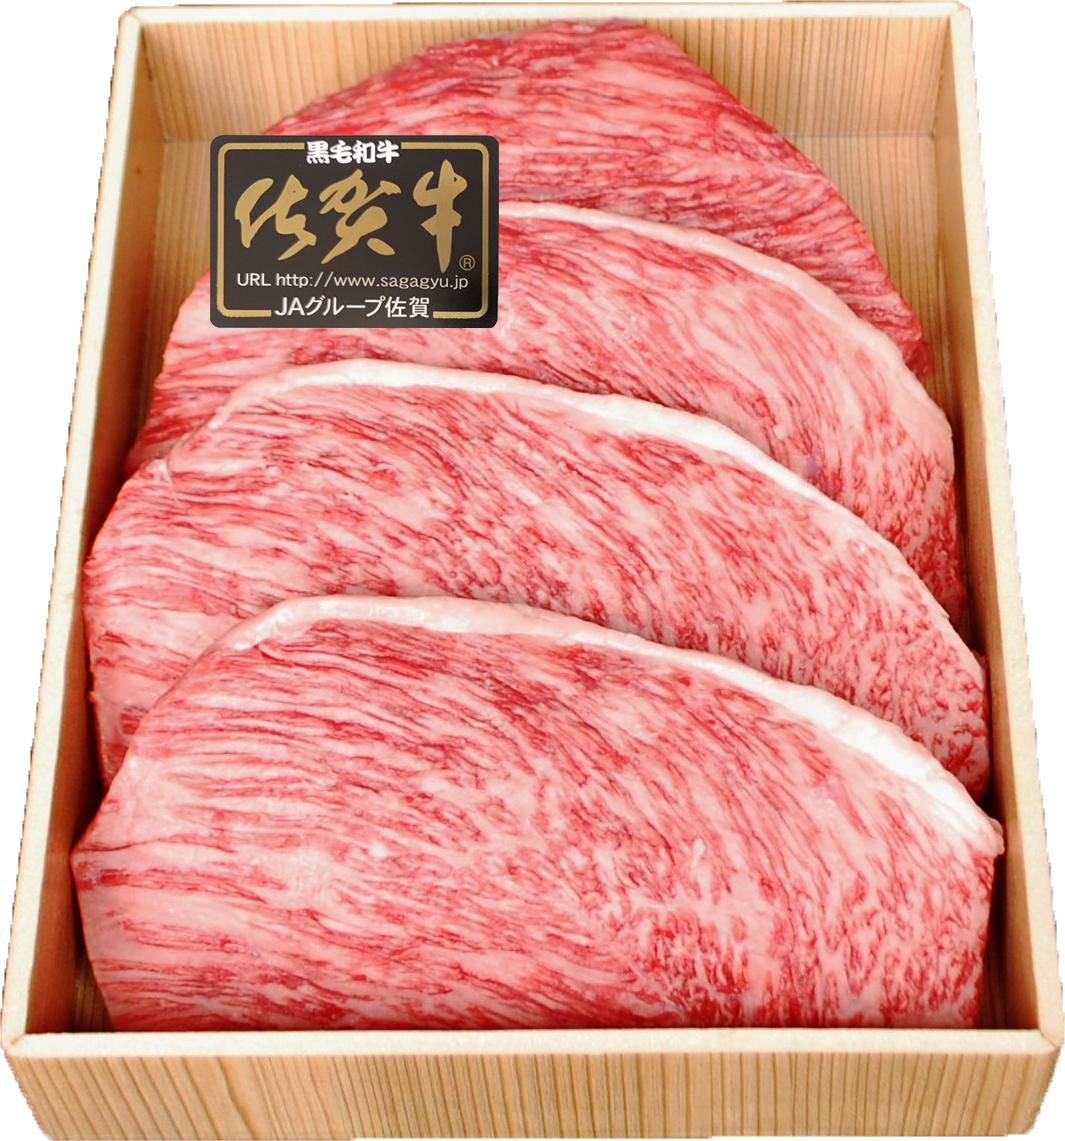 【佐賀牛】ステーキ 4枚(150g×4=600g)